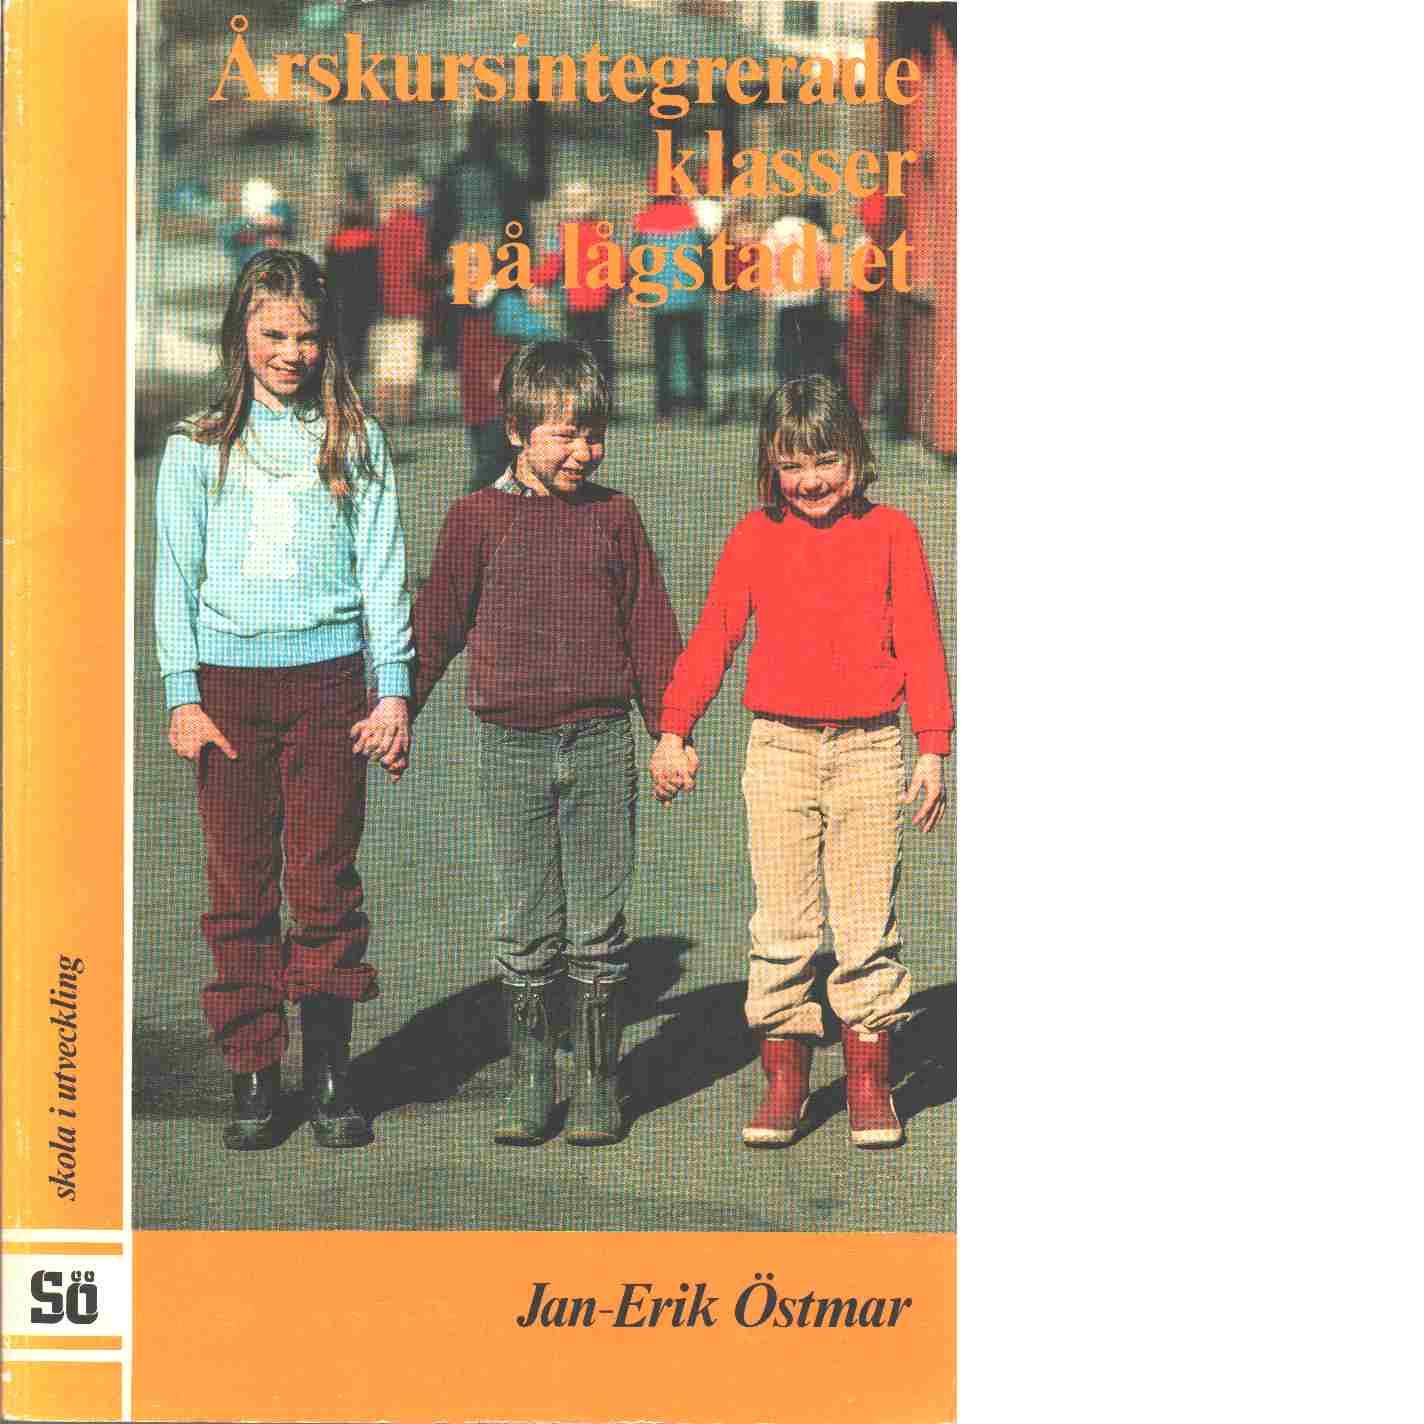 Årskursintegrerade klasser på lågstadiet - Östmar, Jan-Erik